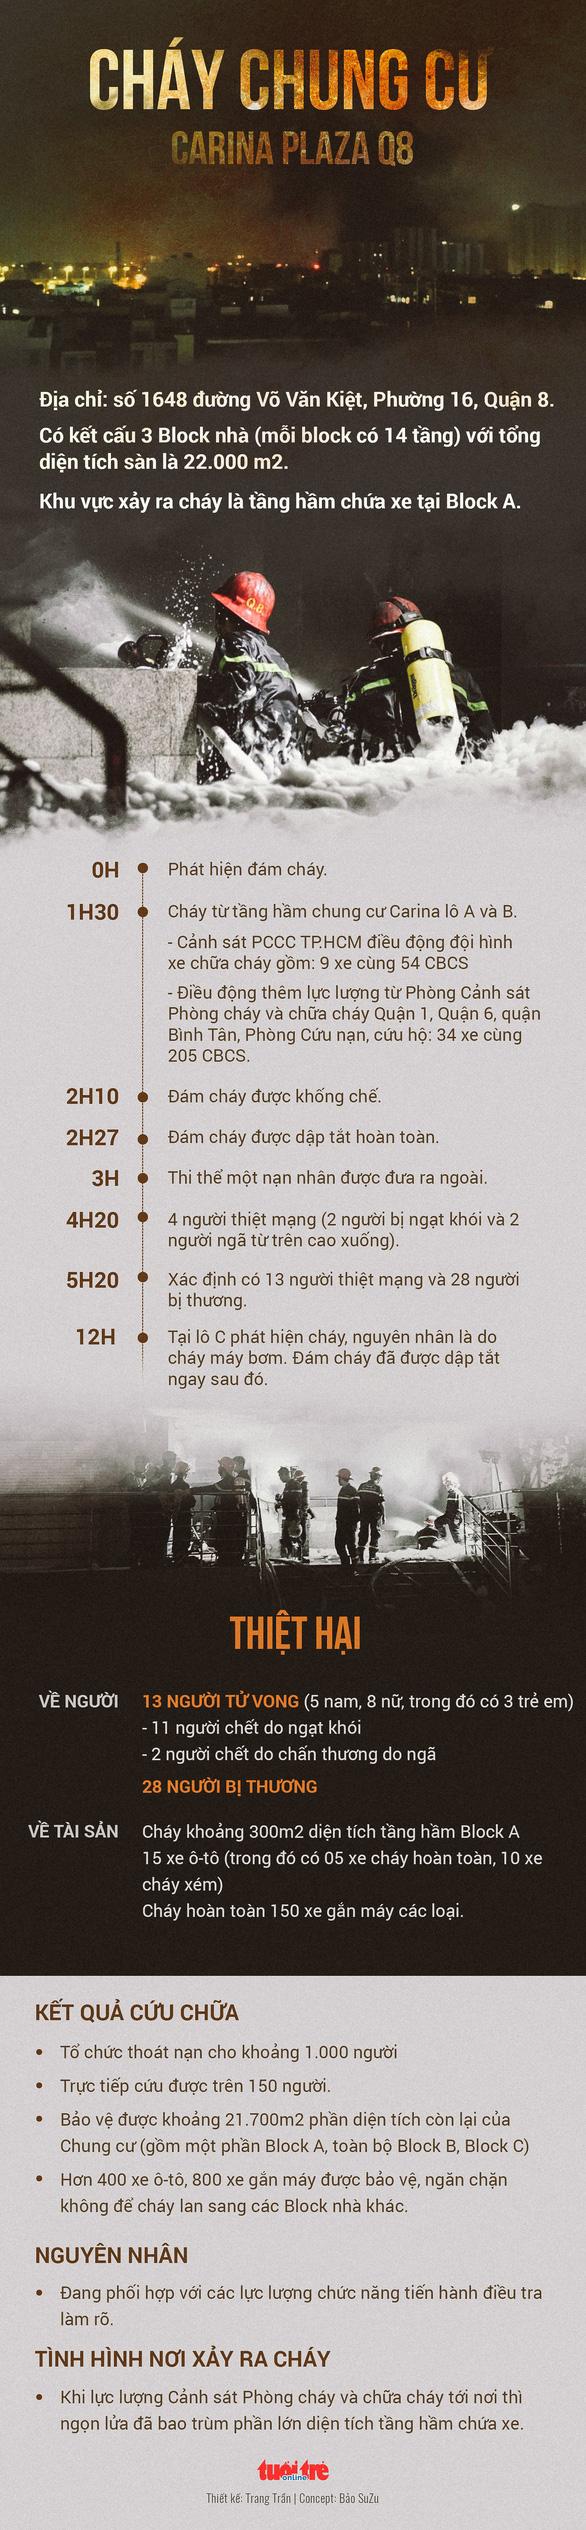 Toàn cảnh vụ cháy kinh hoàng chung cư Carina, 13 người chết - Ảnh 1.